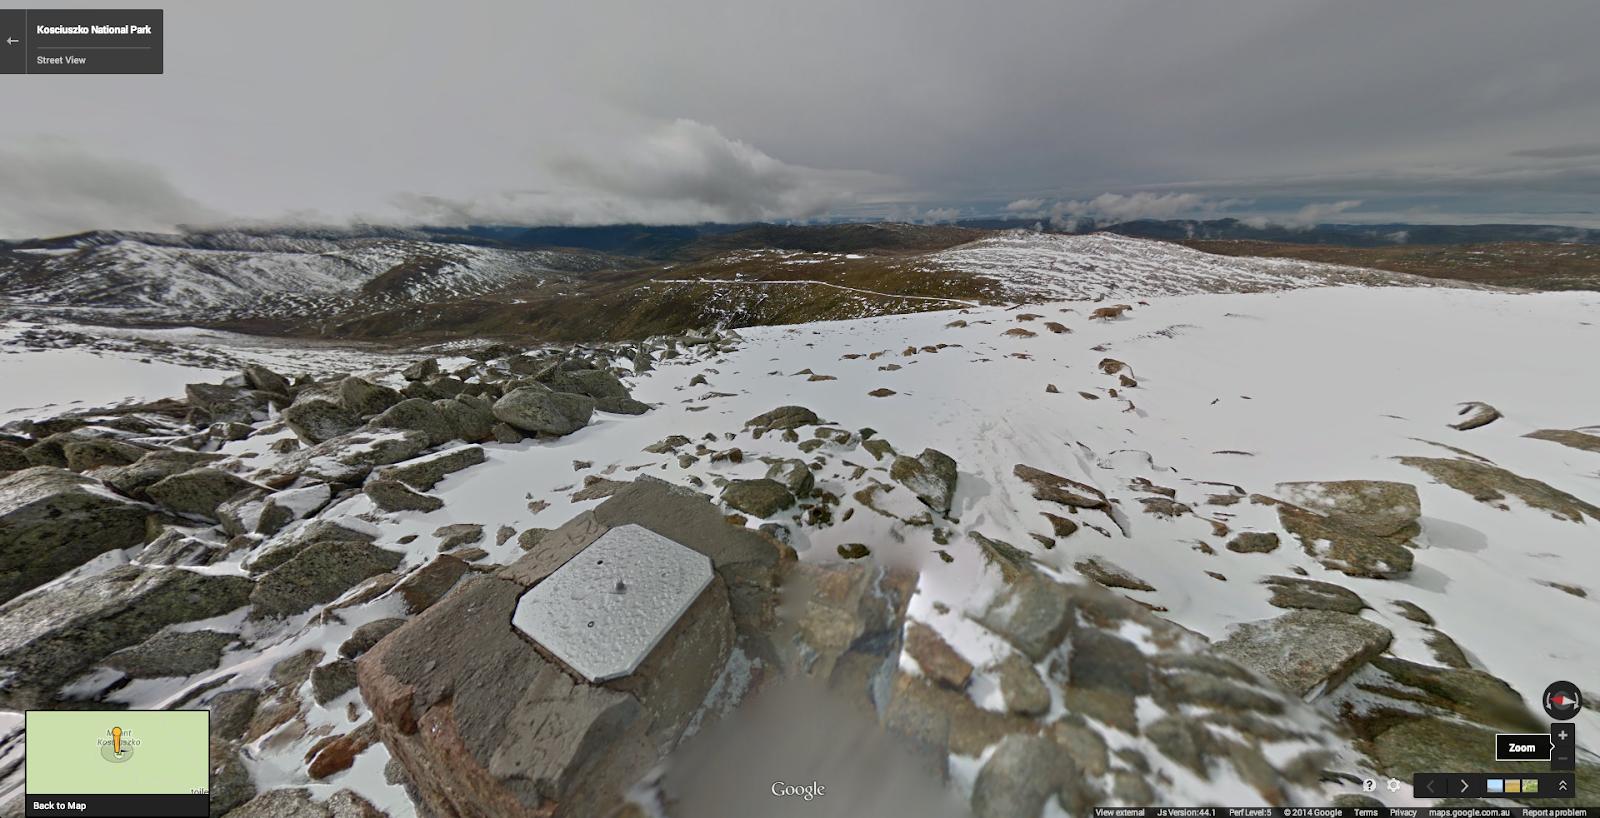 At the summit of Mount Kosciuszko